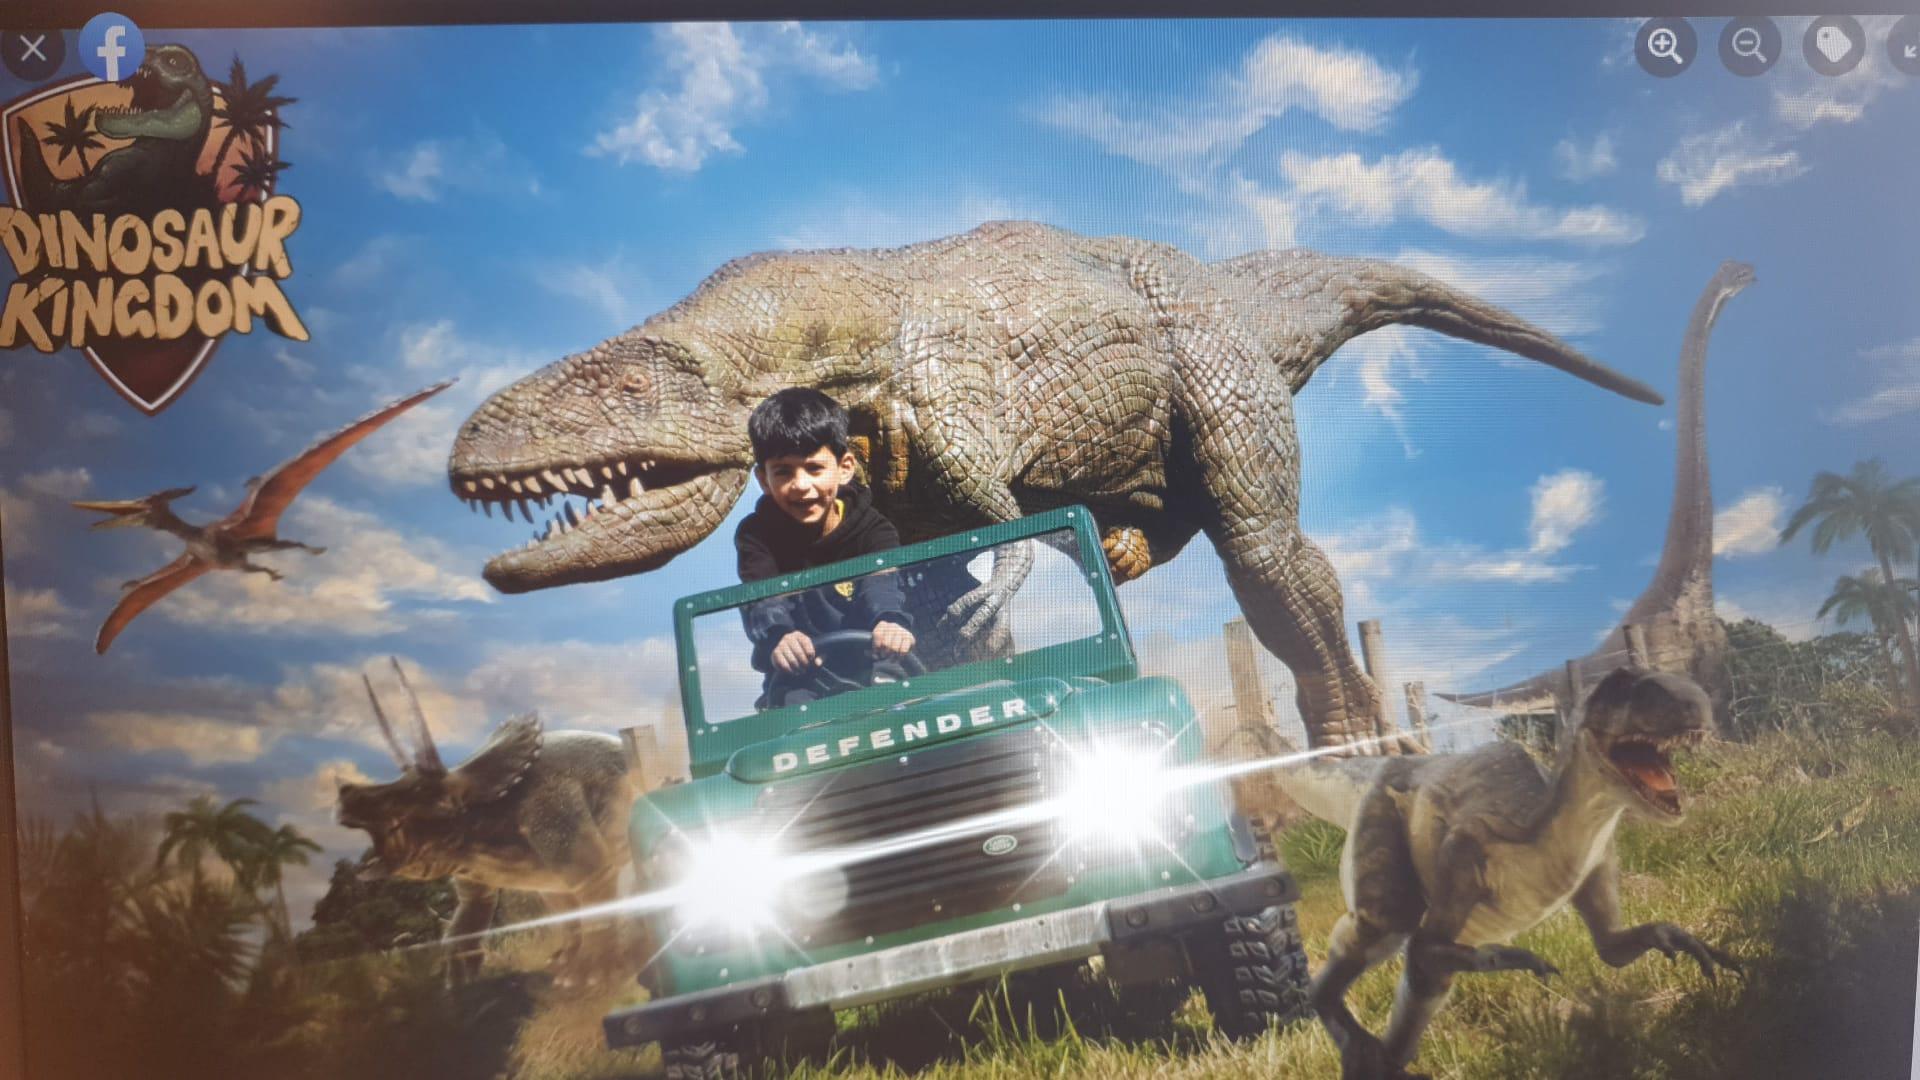 Dinosaurs have arrived at 4Kingdoms!